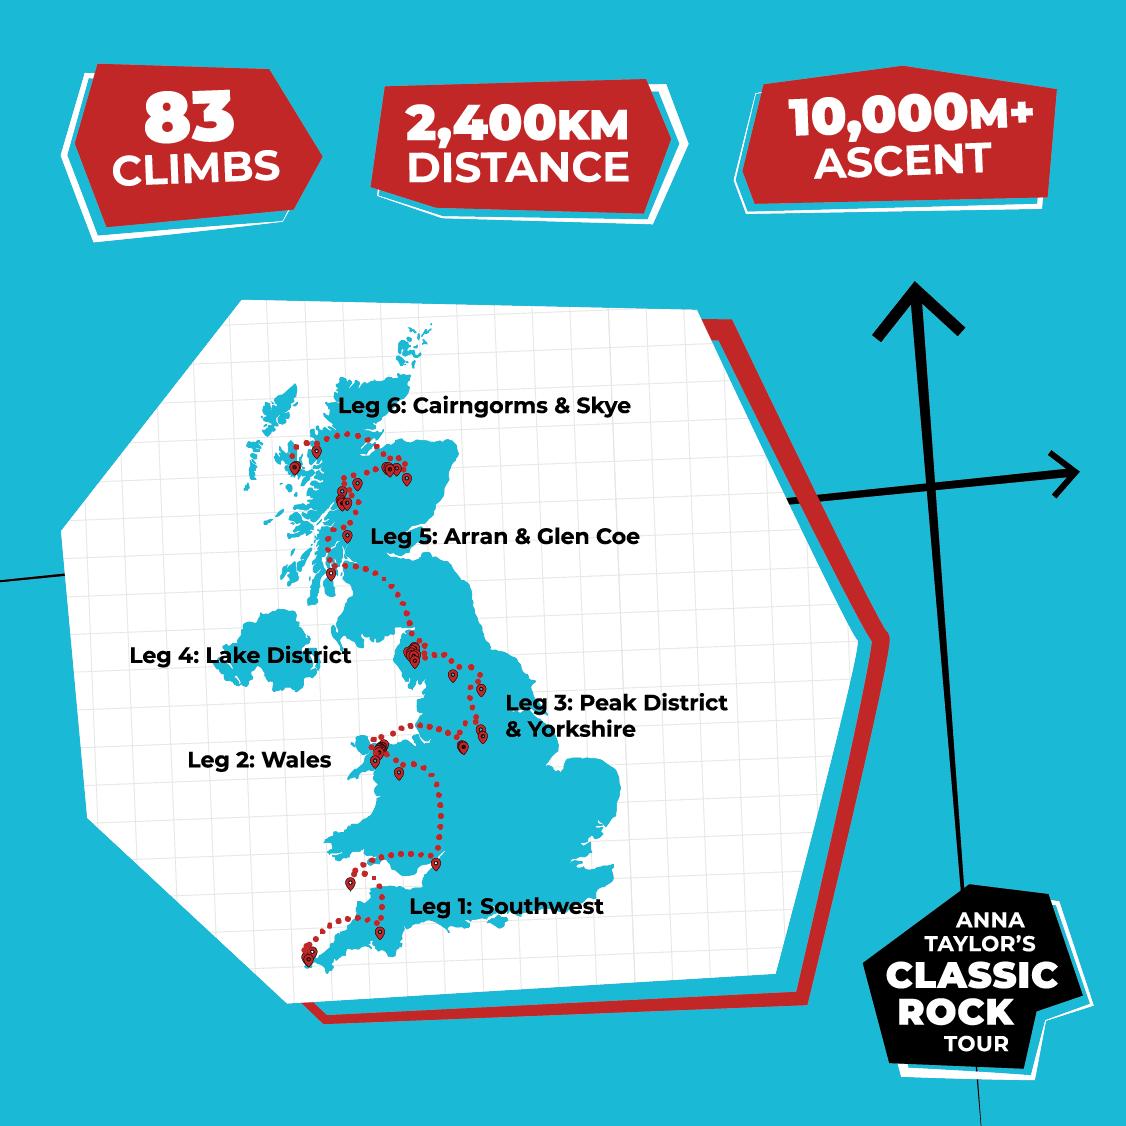 83 climbs, 2,400km distance, 10,000m+ ascent.